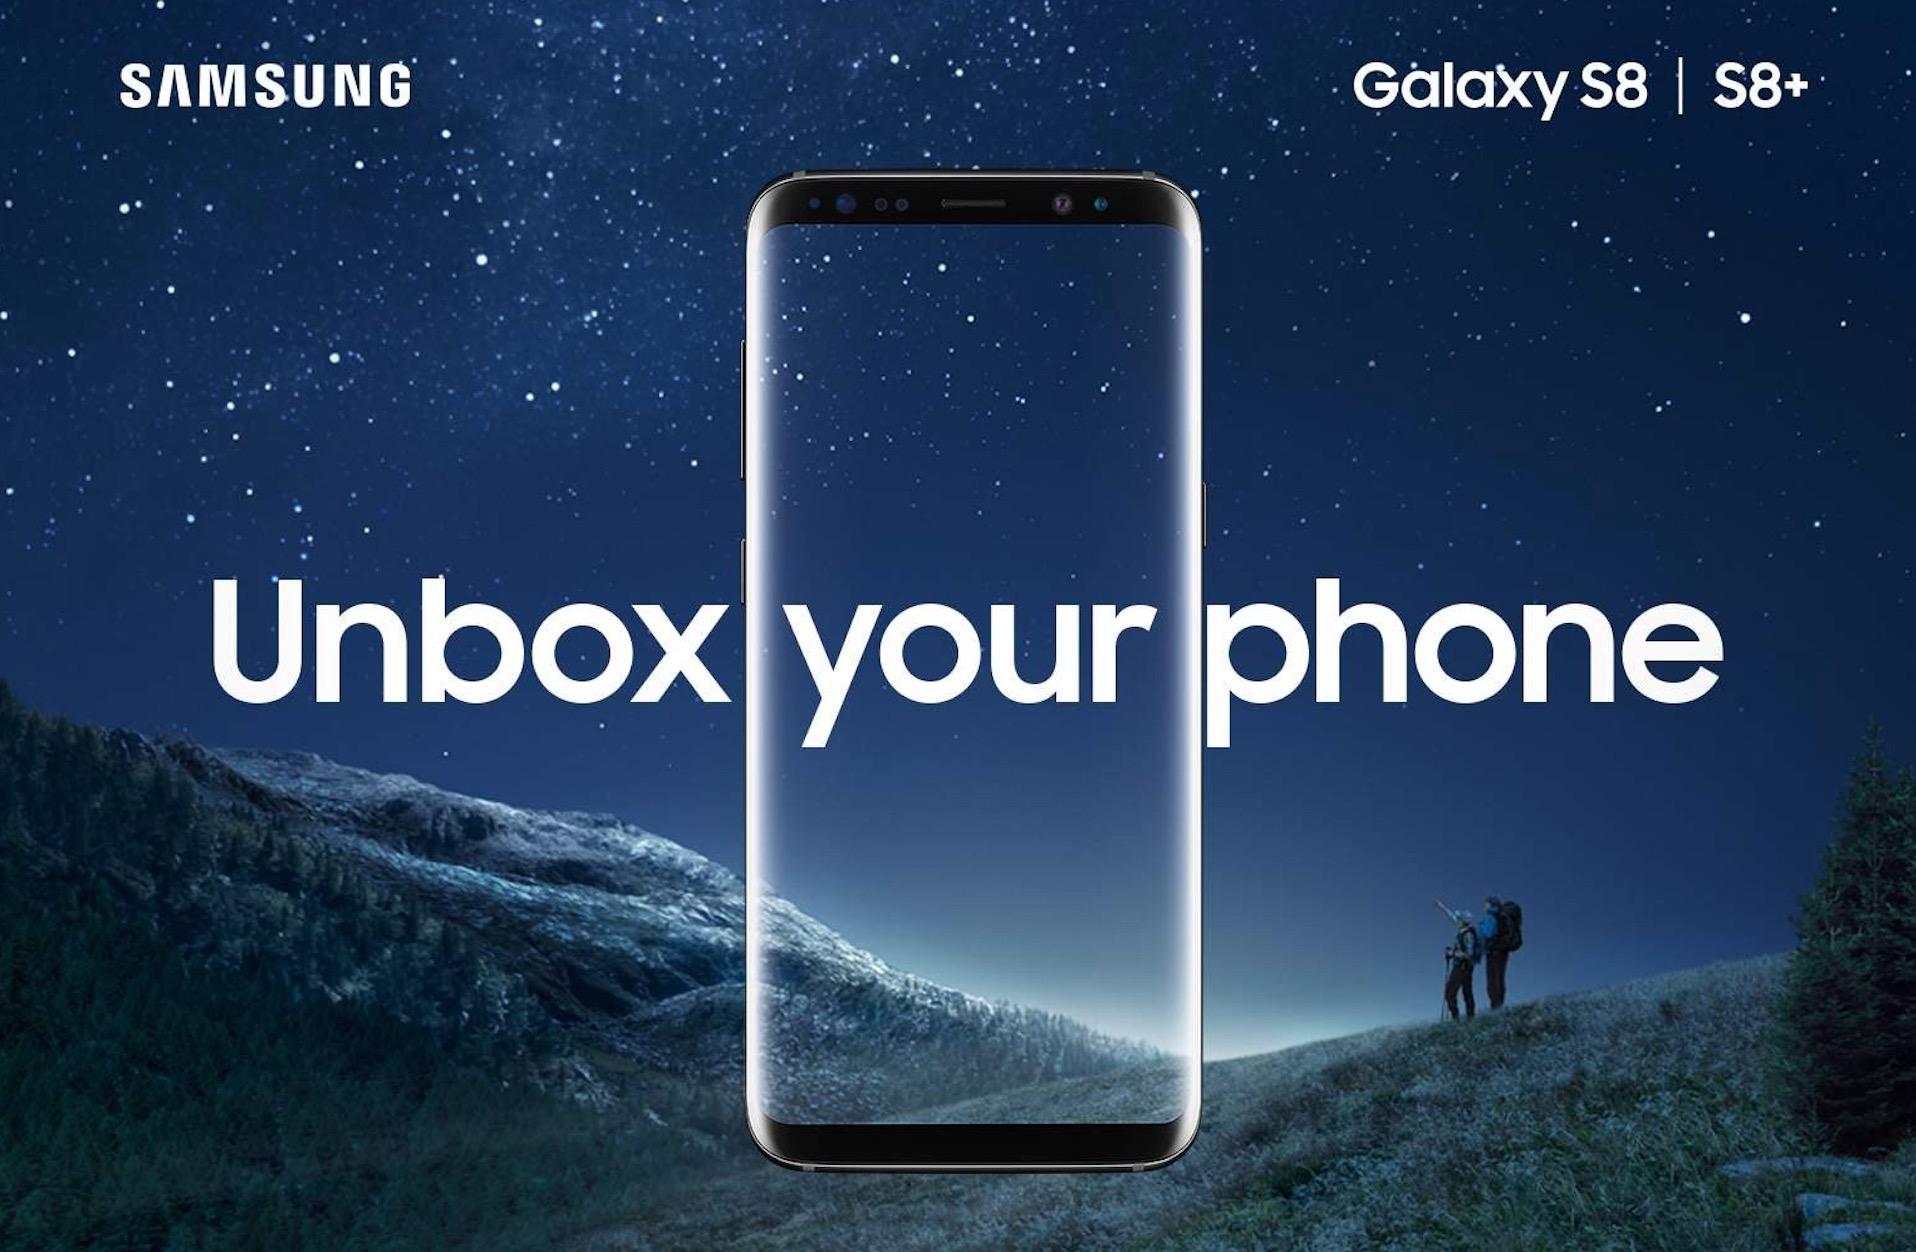 Samsung Galaxy S8: come acquistarlo in preordine